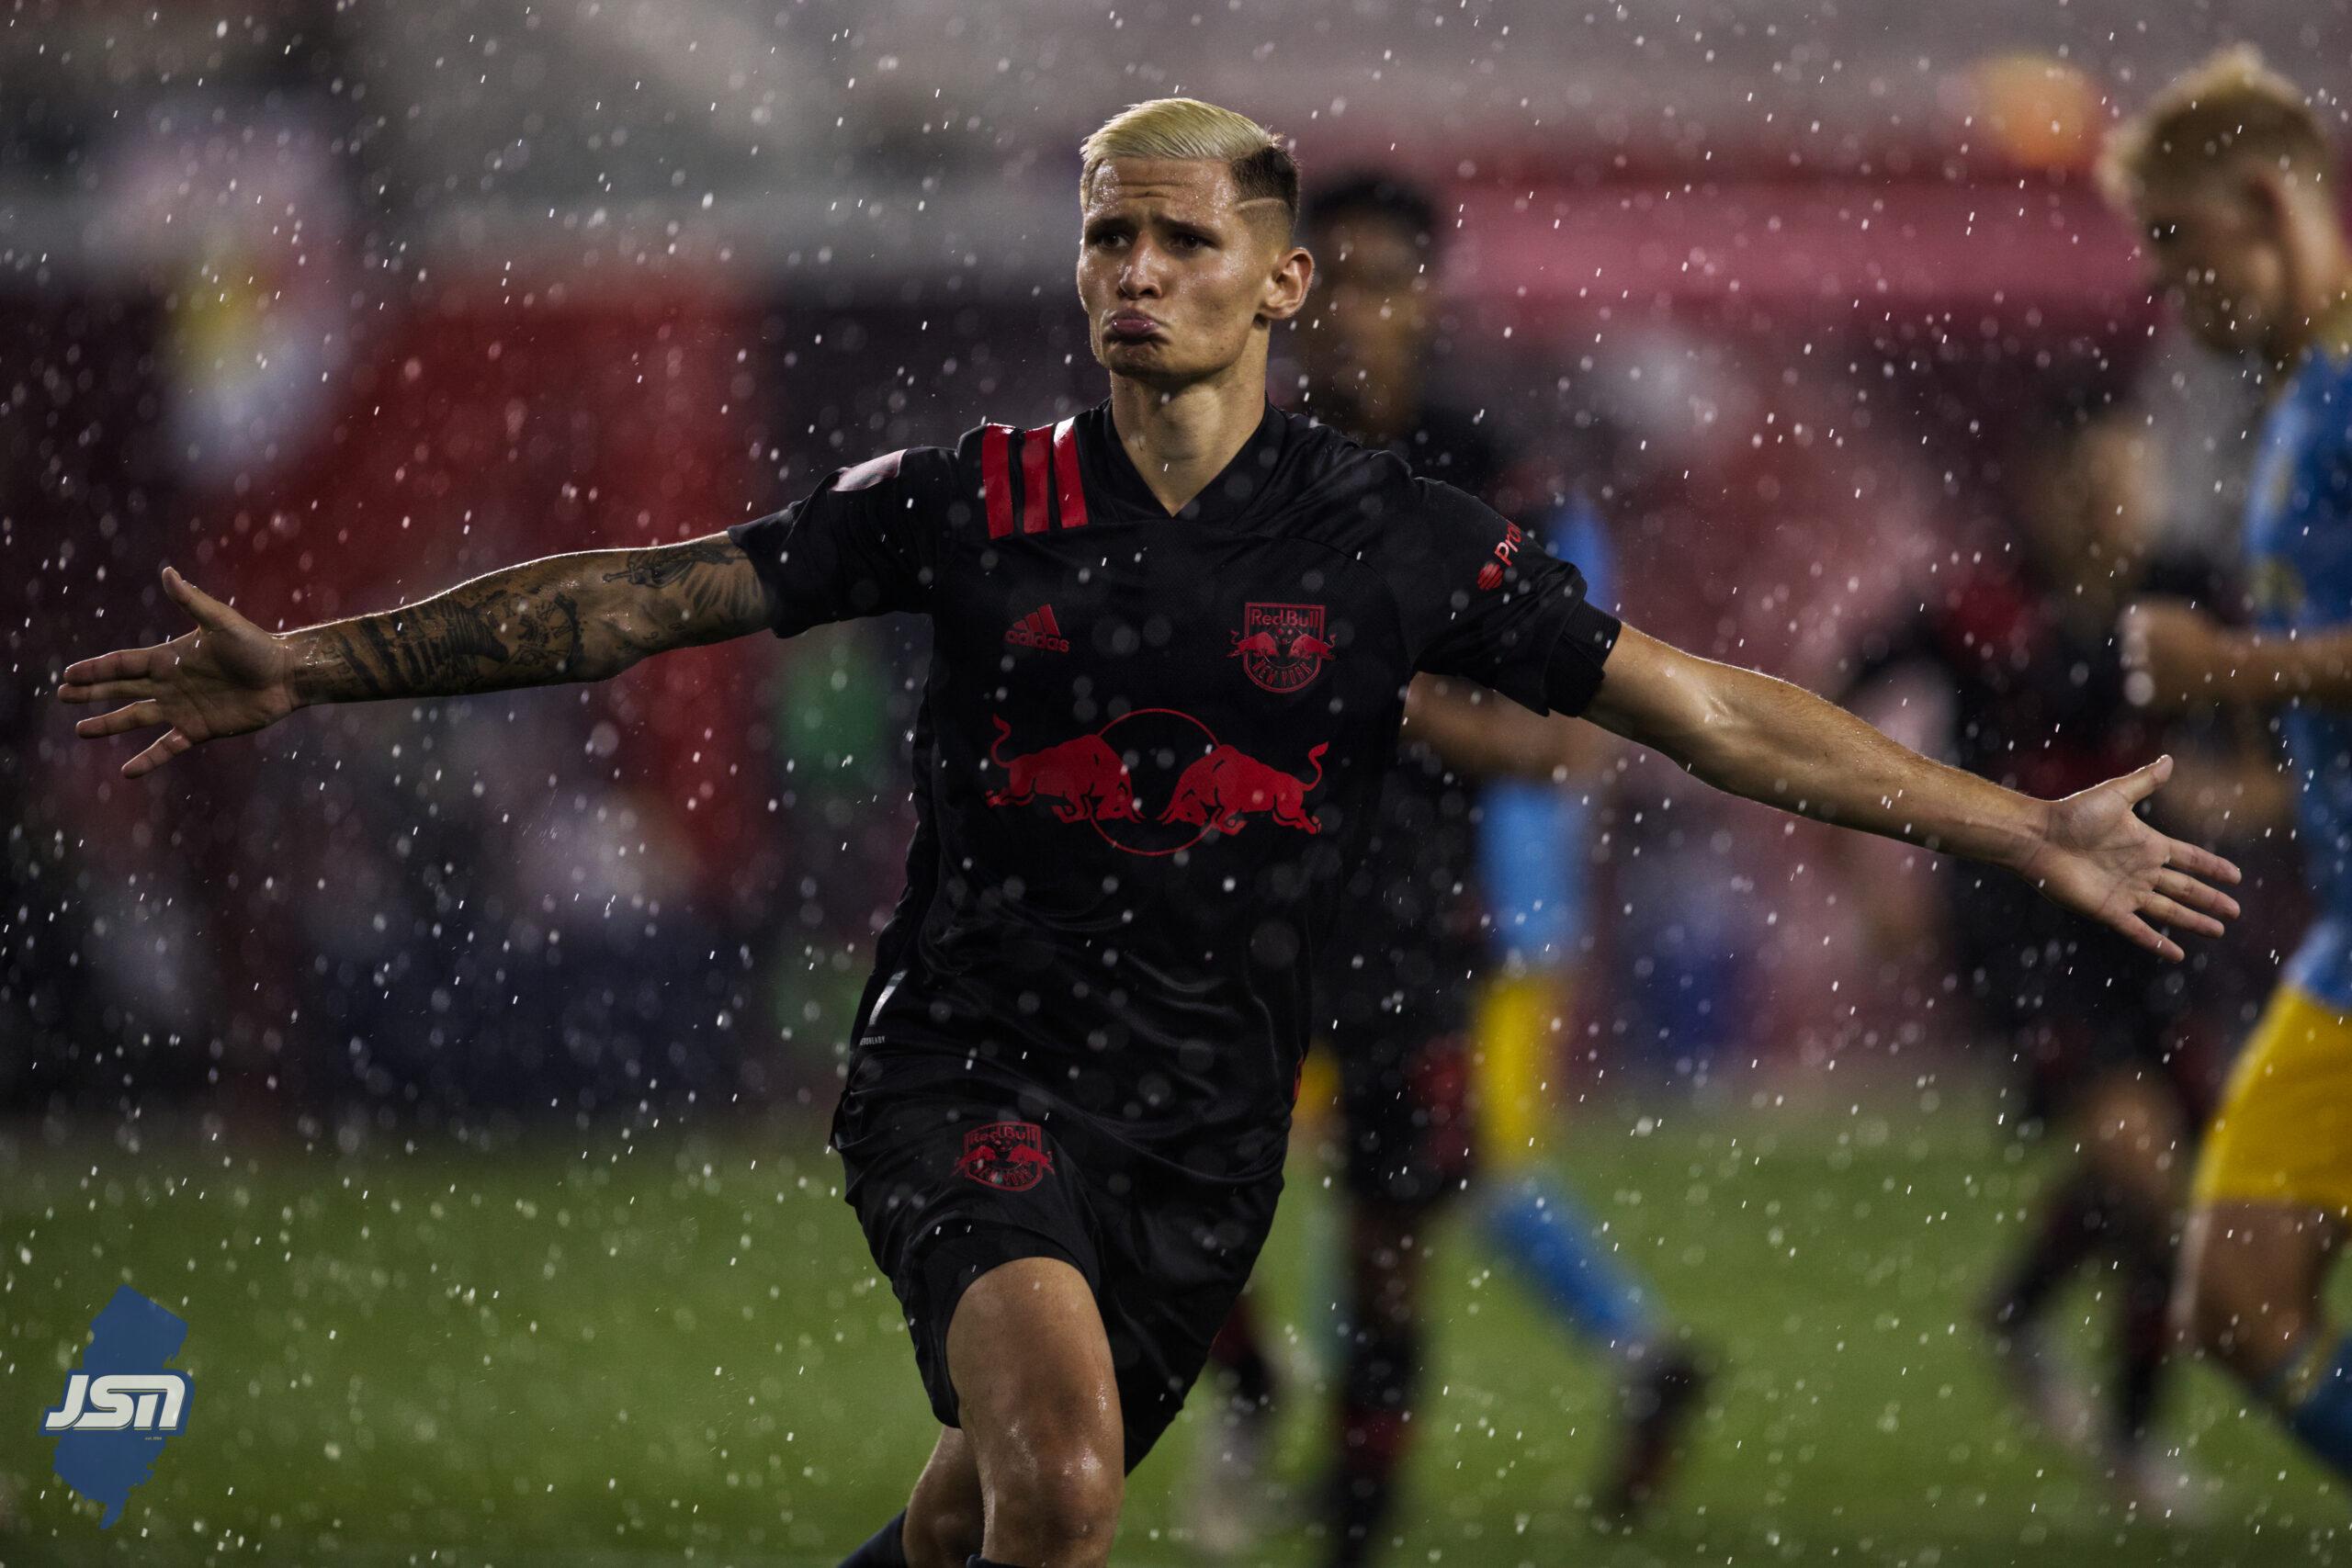 Red Bulls, MLS, soccer, New York Red Bulls